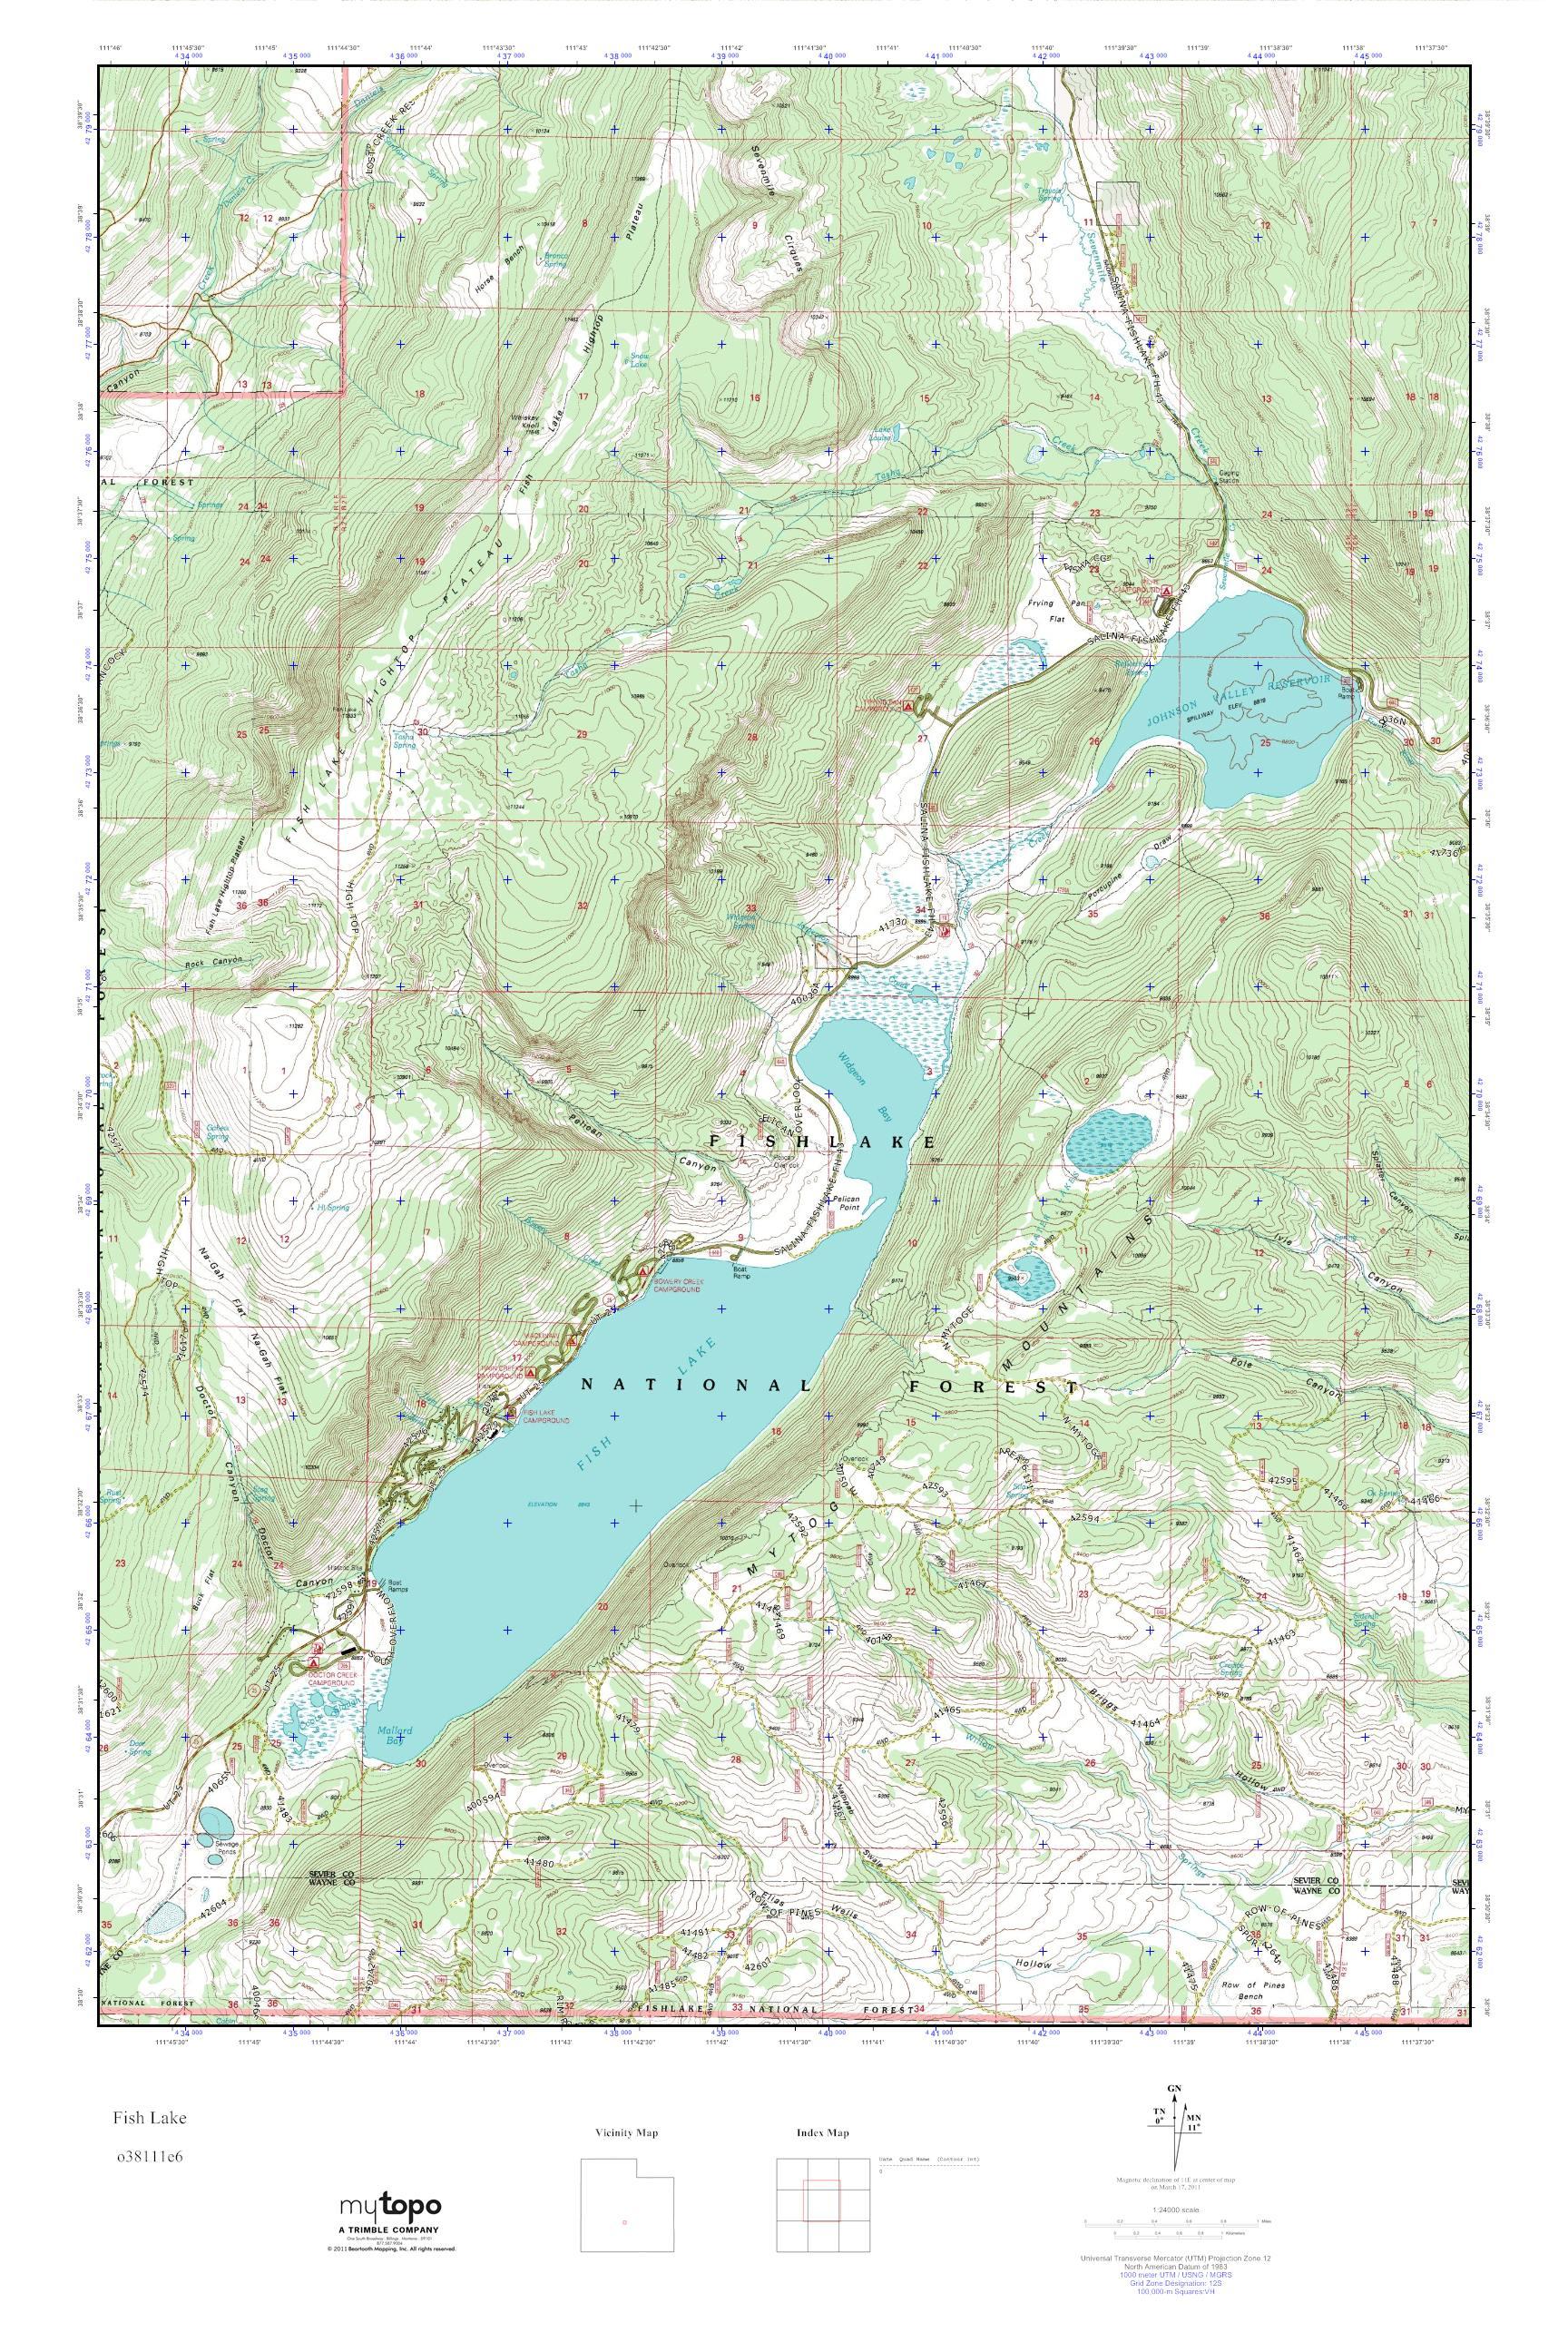 Mytopo Fish Lake Utah Usgs Quad Topo Map